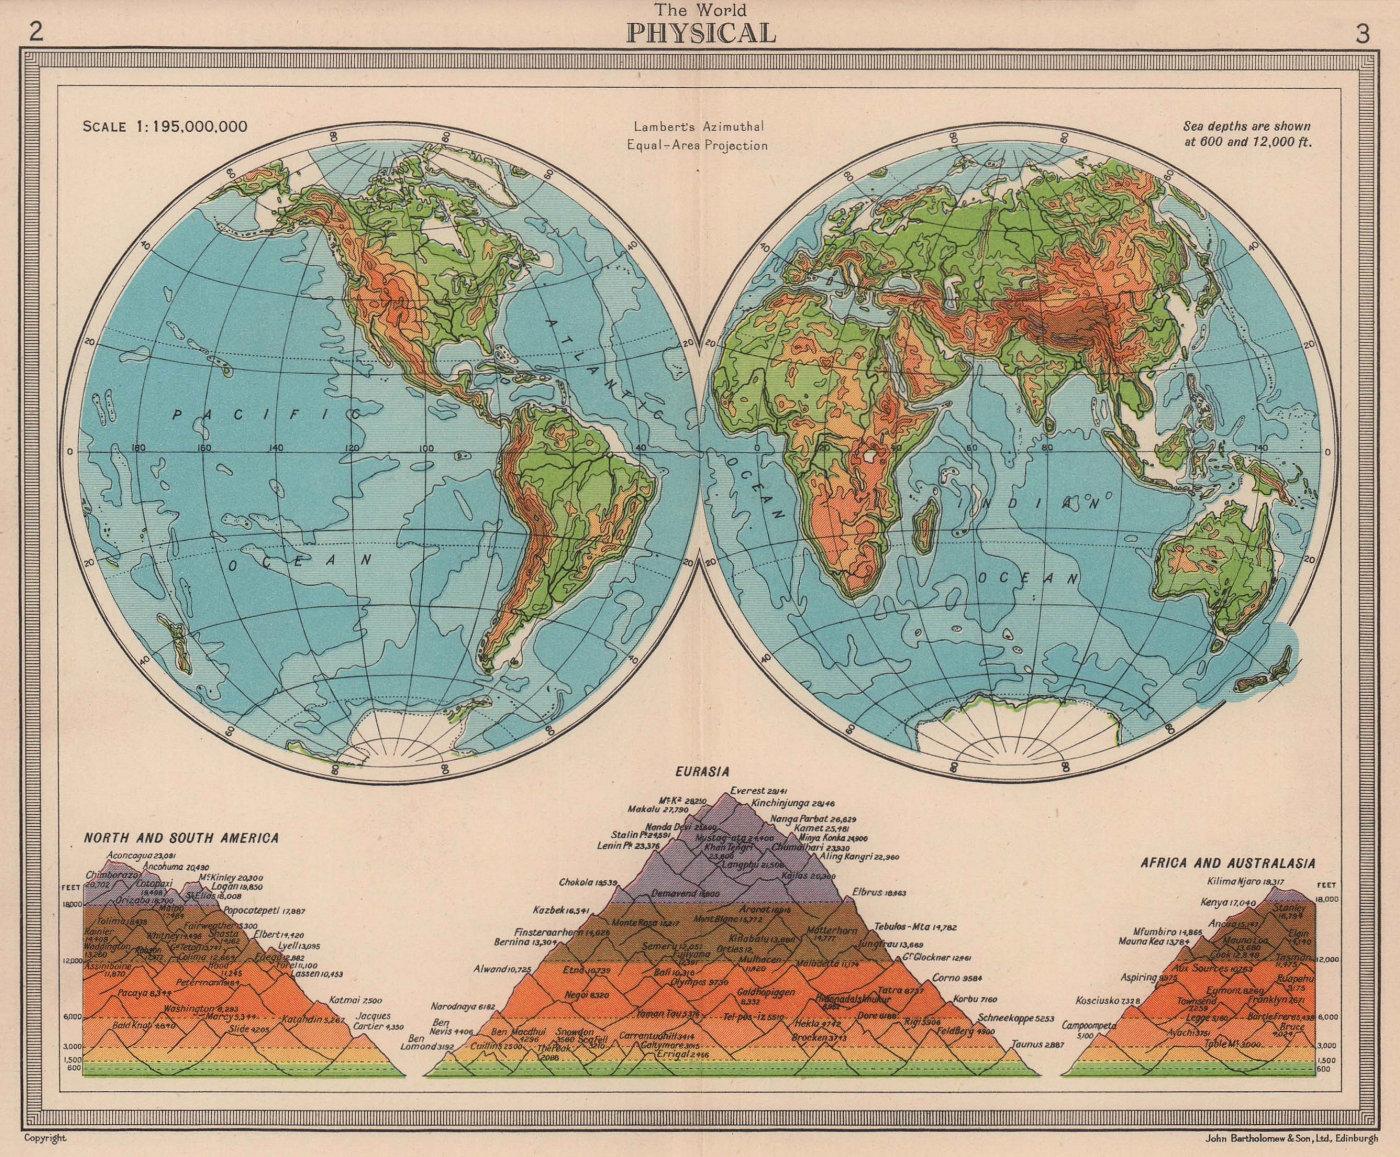 World - Physical. Hemispheres. Mountains. BARTHOLOMEW 1949 old vintage map